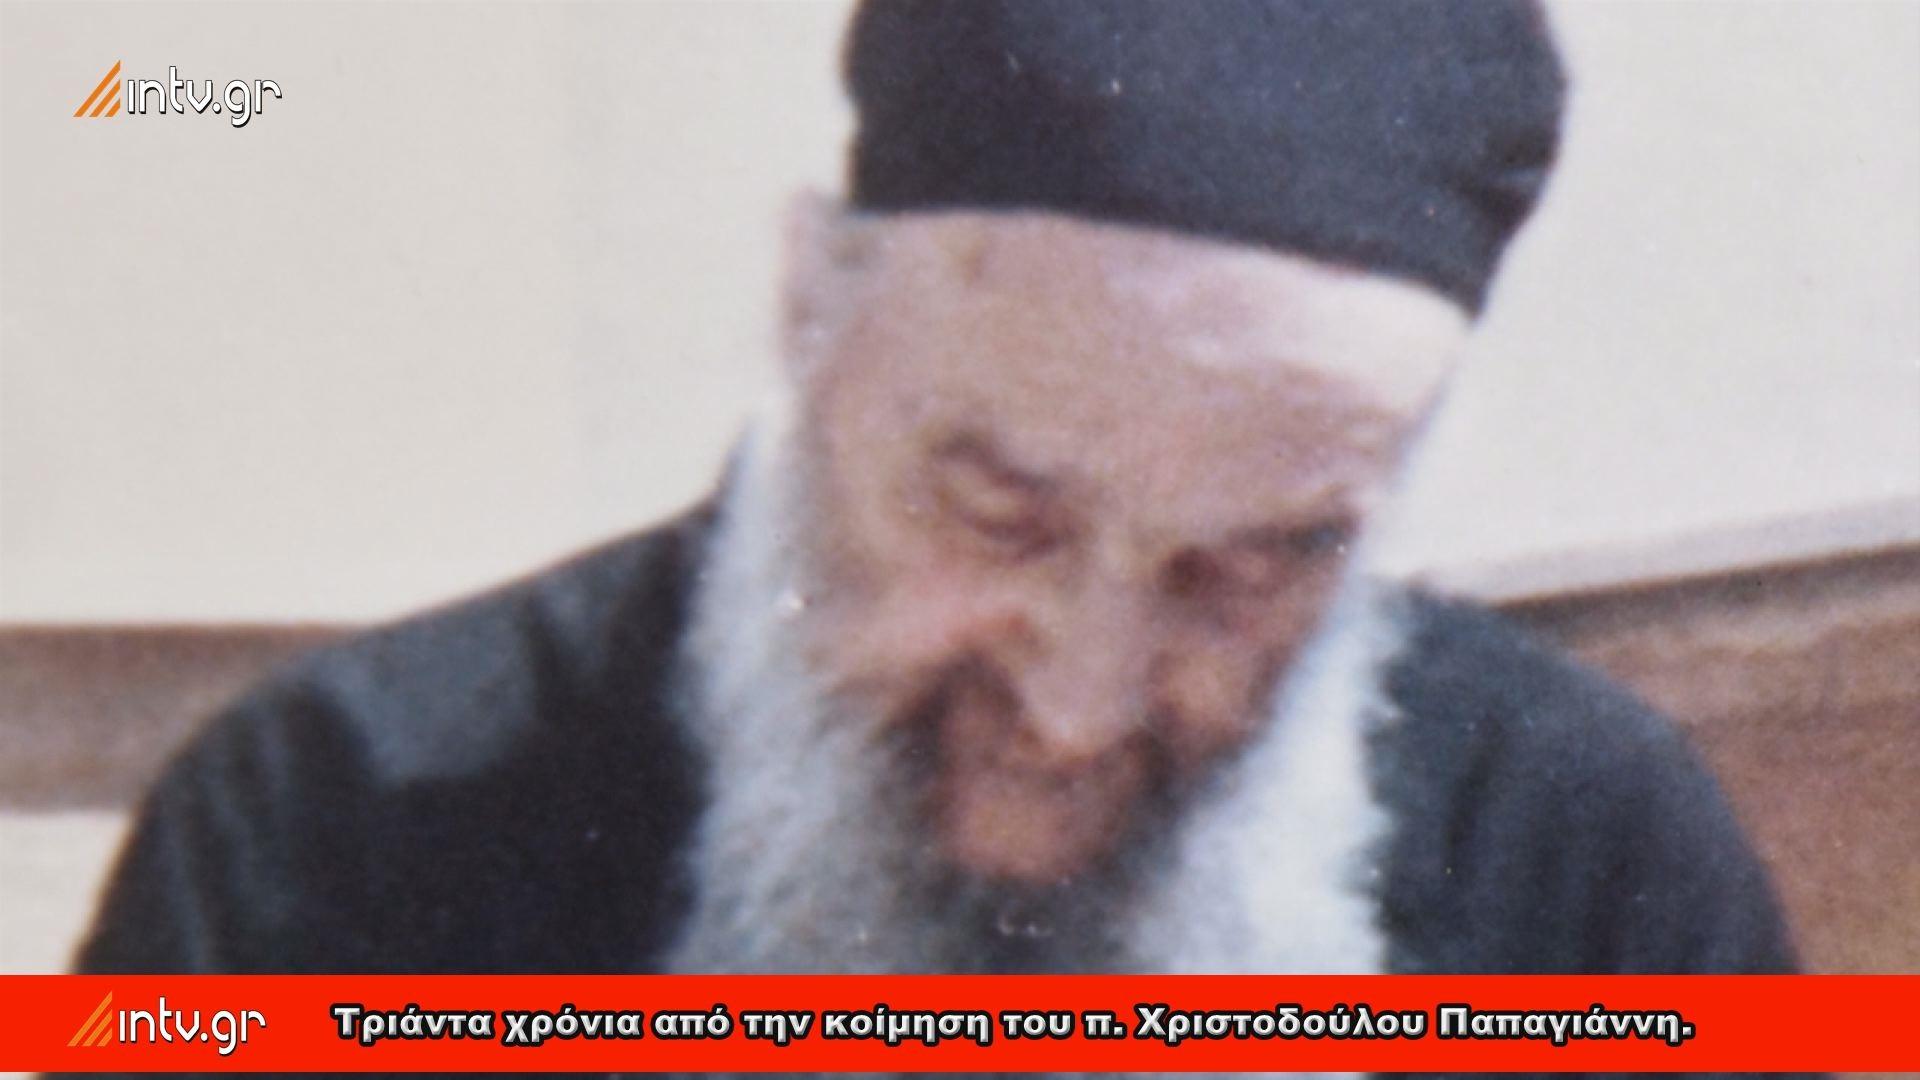 Τριάντα χρόνια από την κοίµηση του π. Χριστοδούλου Παπαγιάννη